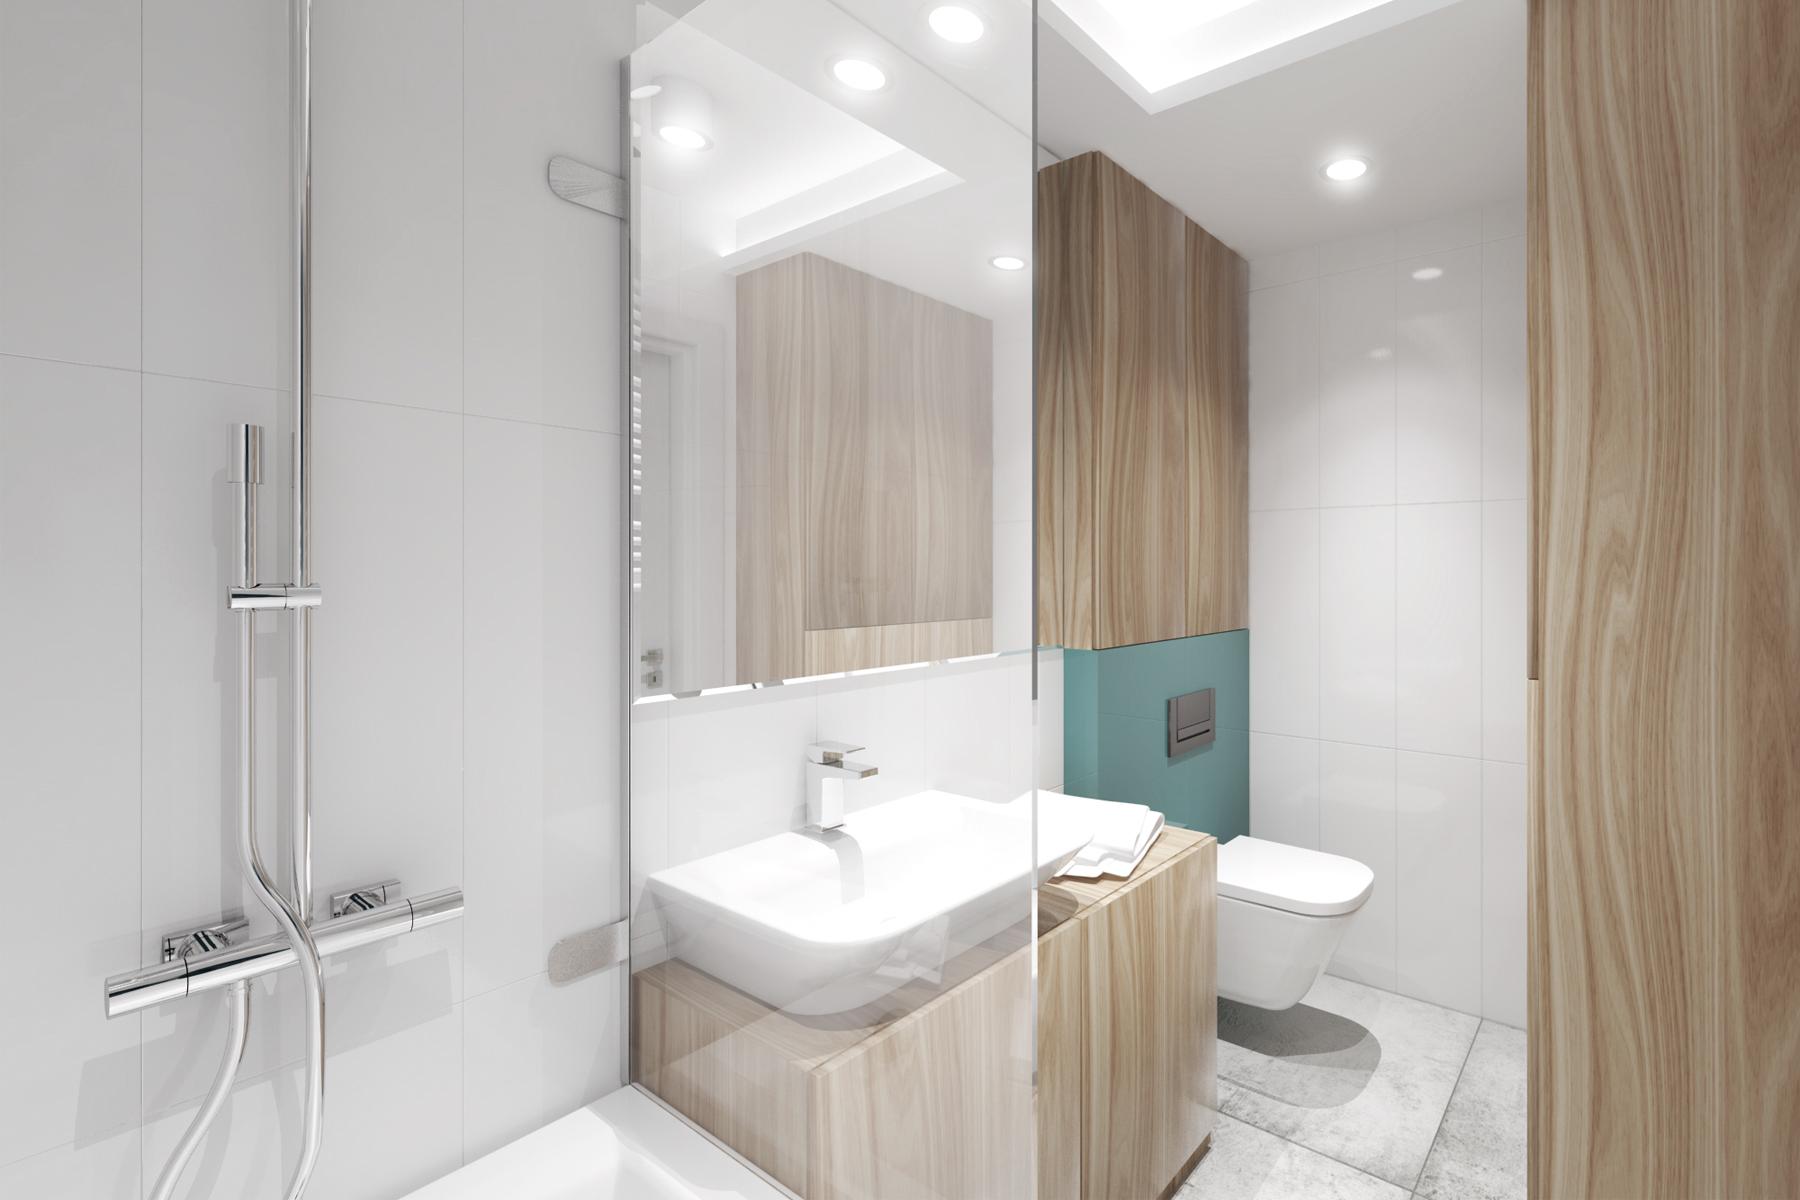 Projekty wnętrz - turkusowa łazienka w bloku.